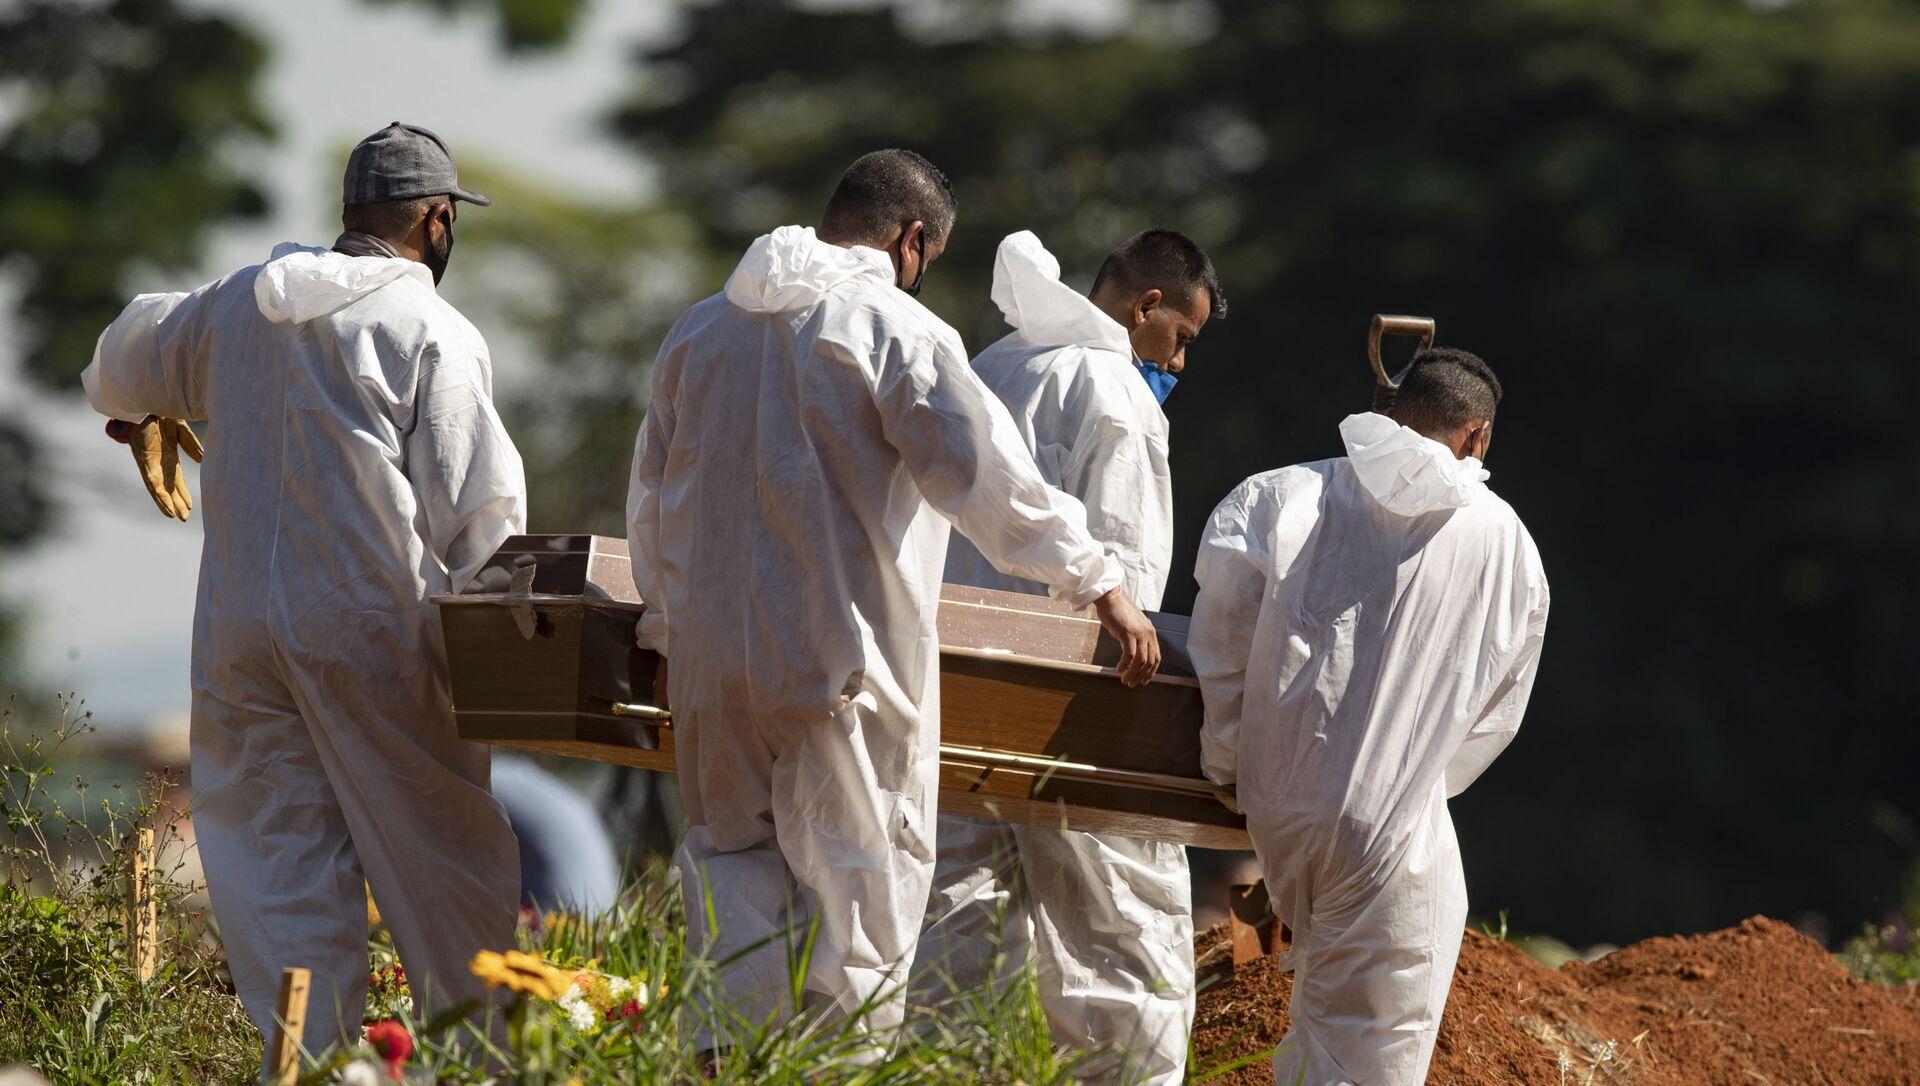 Похороны болевшего коронавирусом пациента в Бразилии - Sputnik 日本, 1920, 01.04.2021